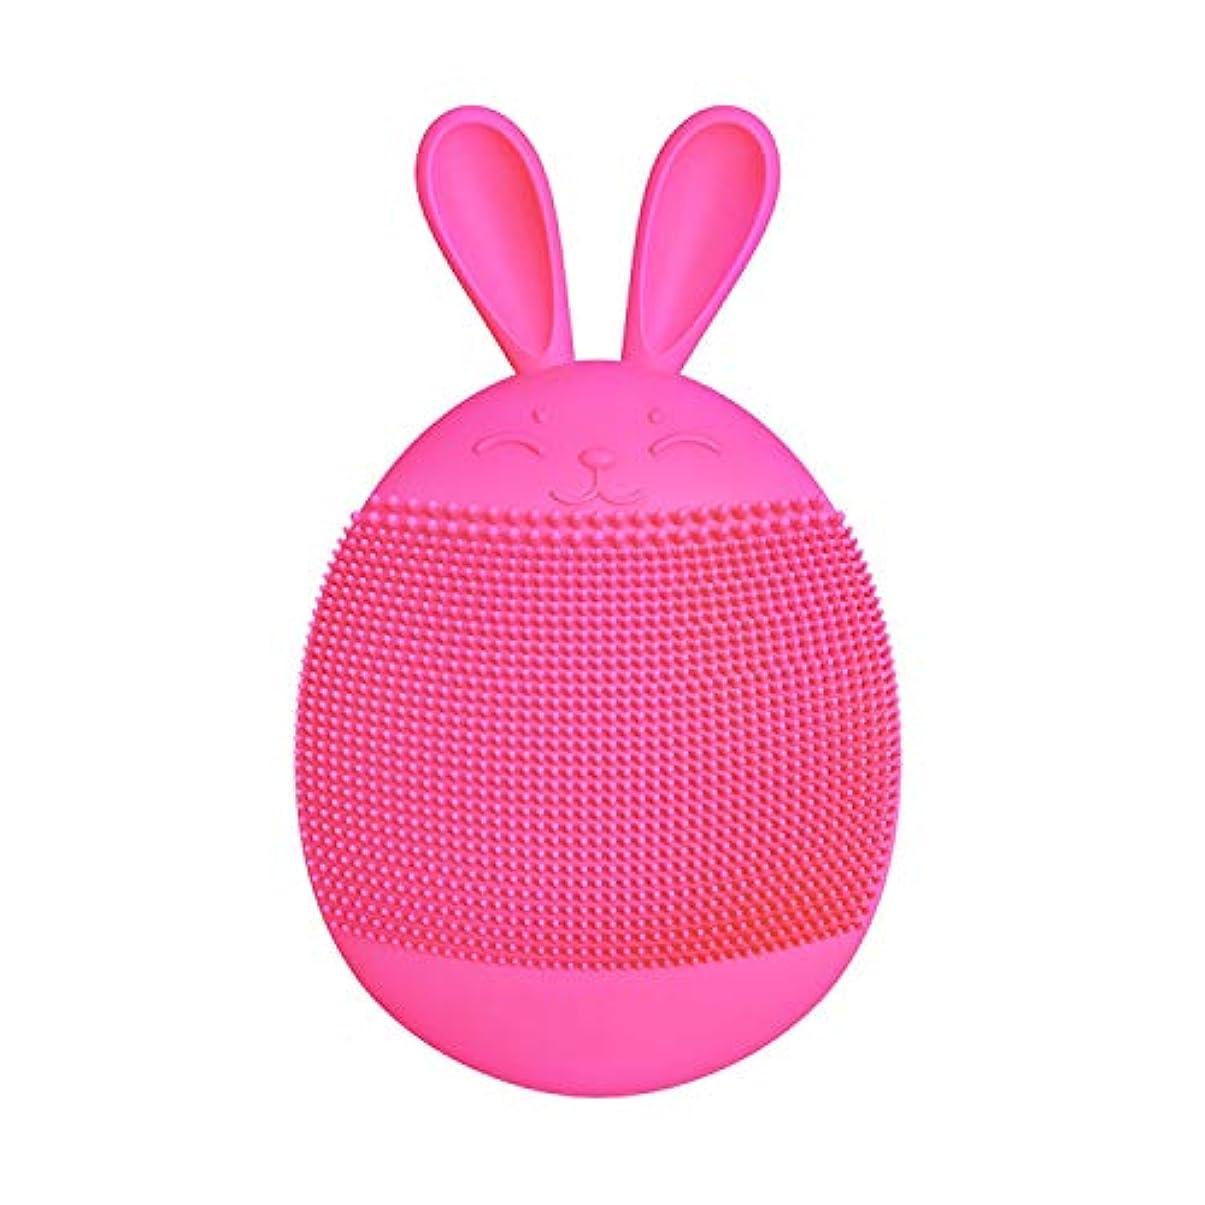 クレンジングブラシ、シリコンハンドヘルド電動クレンジング楽器多機能ポータブル洗顔美容器具(ピンク),D